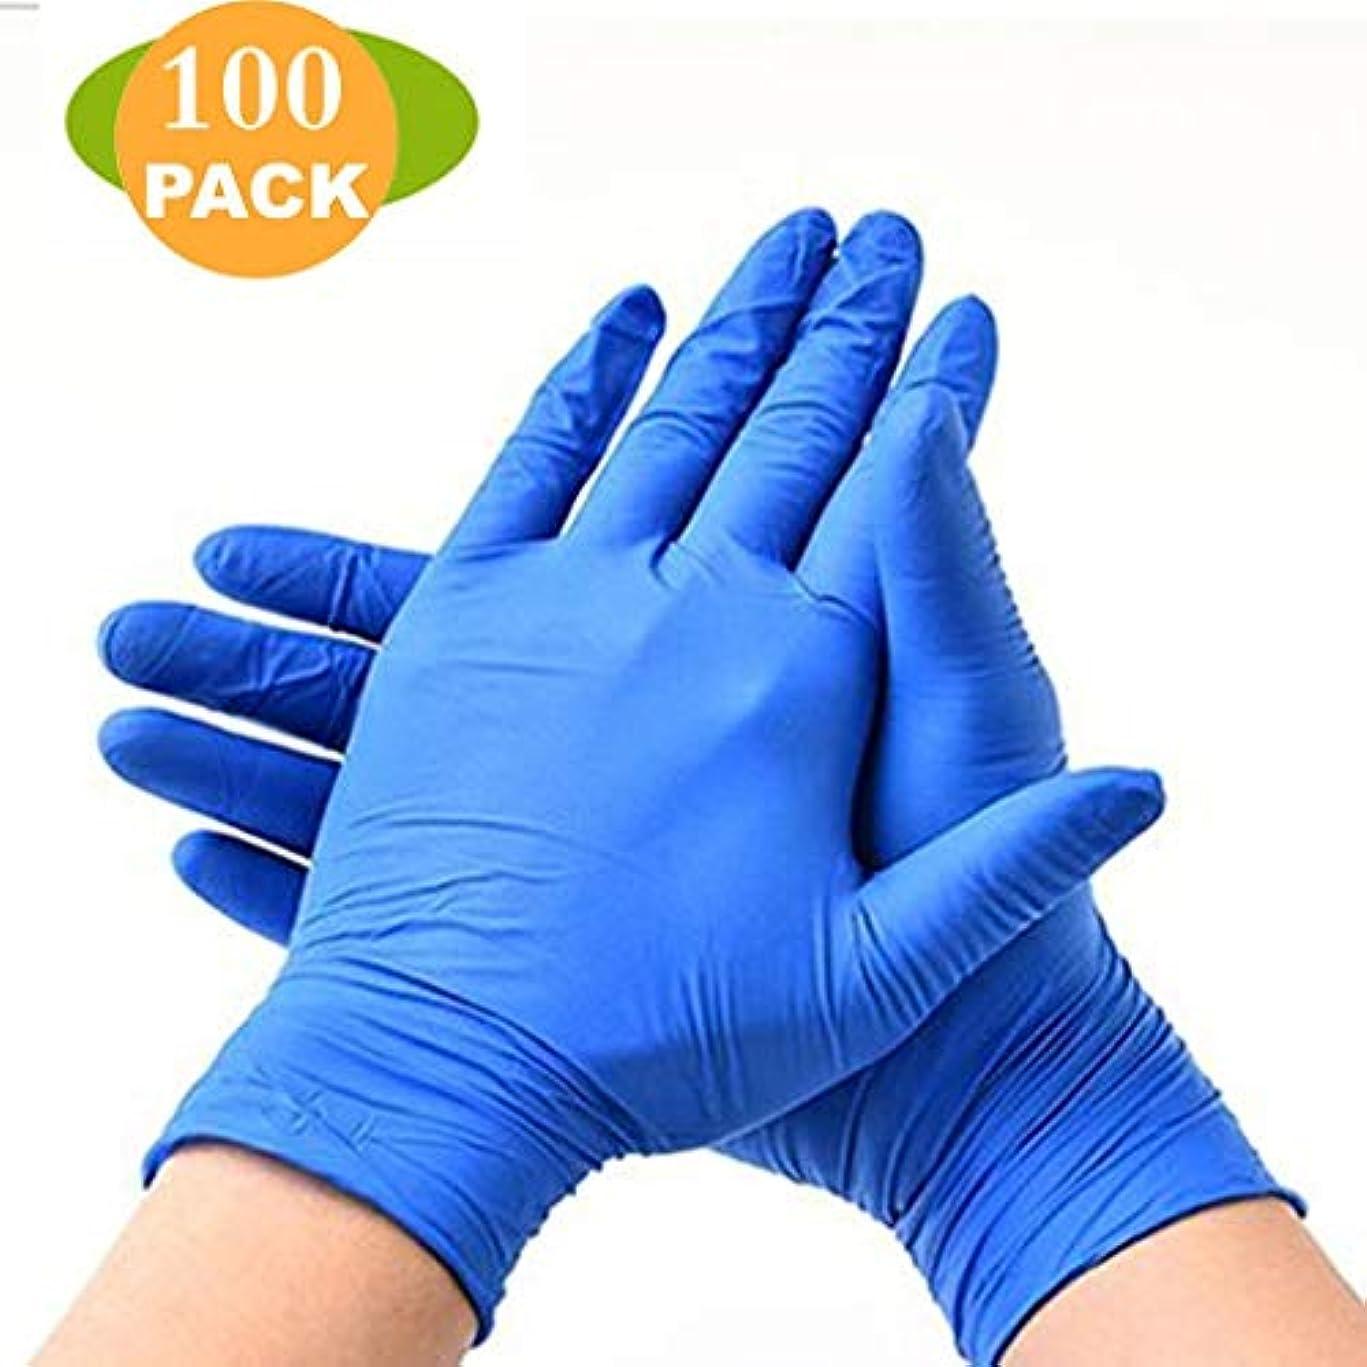 天皇エレベーター光使い捨て耐久性のある厚手の手袋の実験室の食用油と耐酸性-100パーボックス (Color : Blue, Size : L)